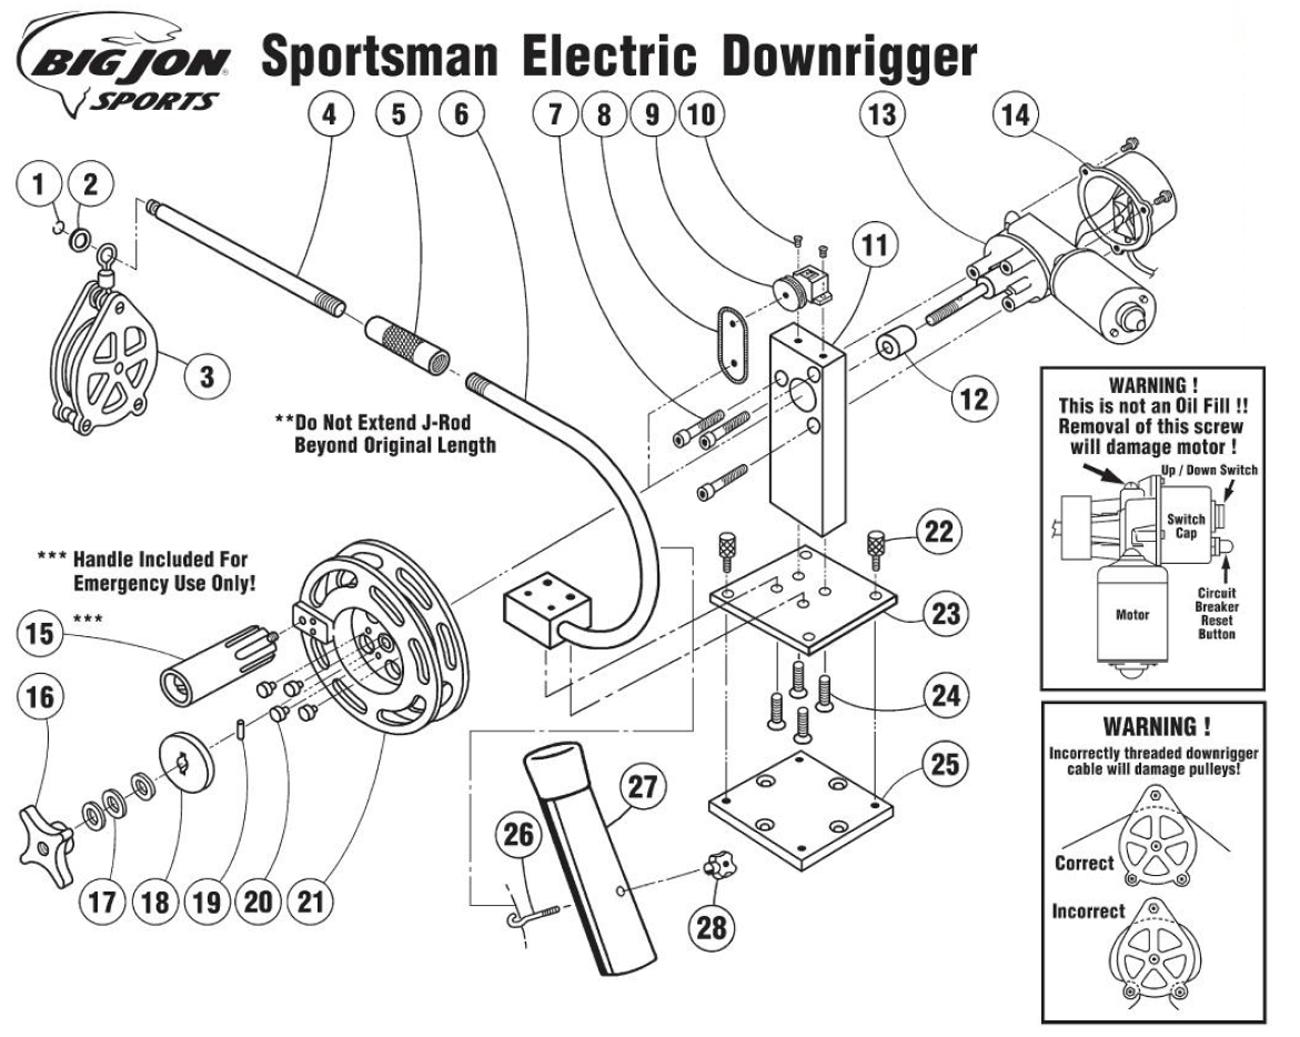 Order Big Jon Sportsman Electric Downrigger Parts online